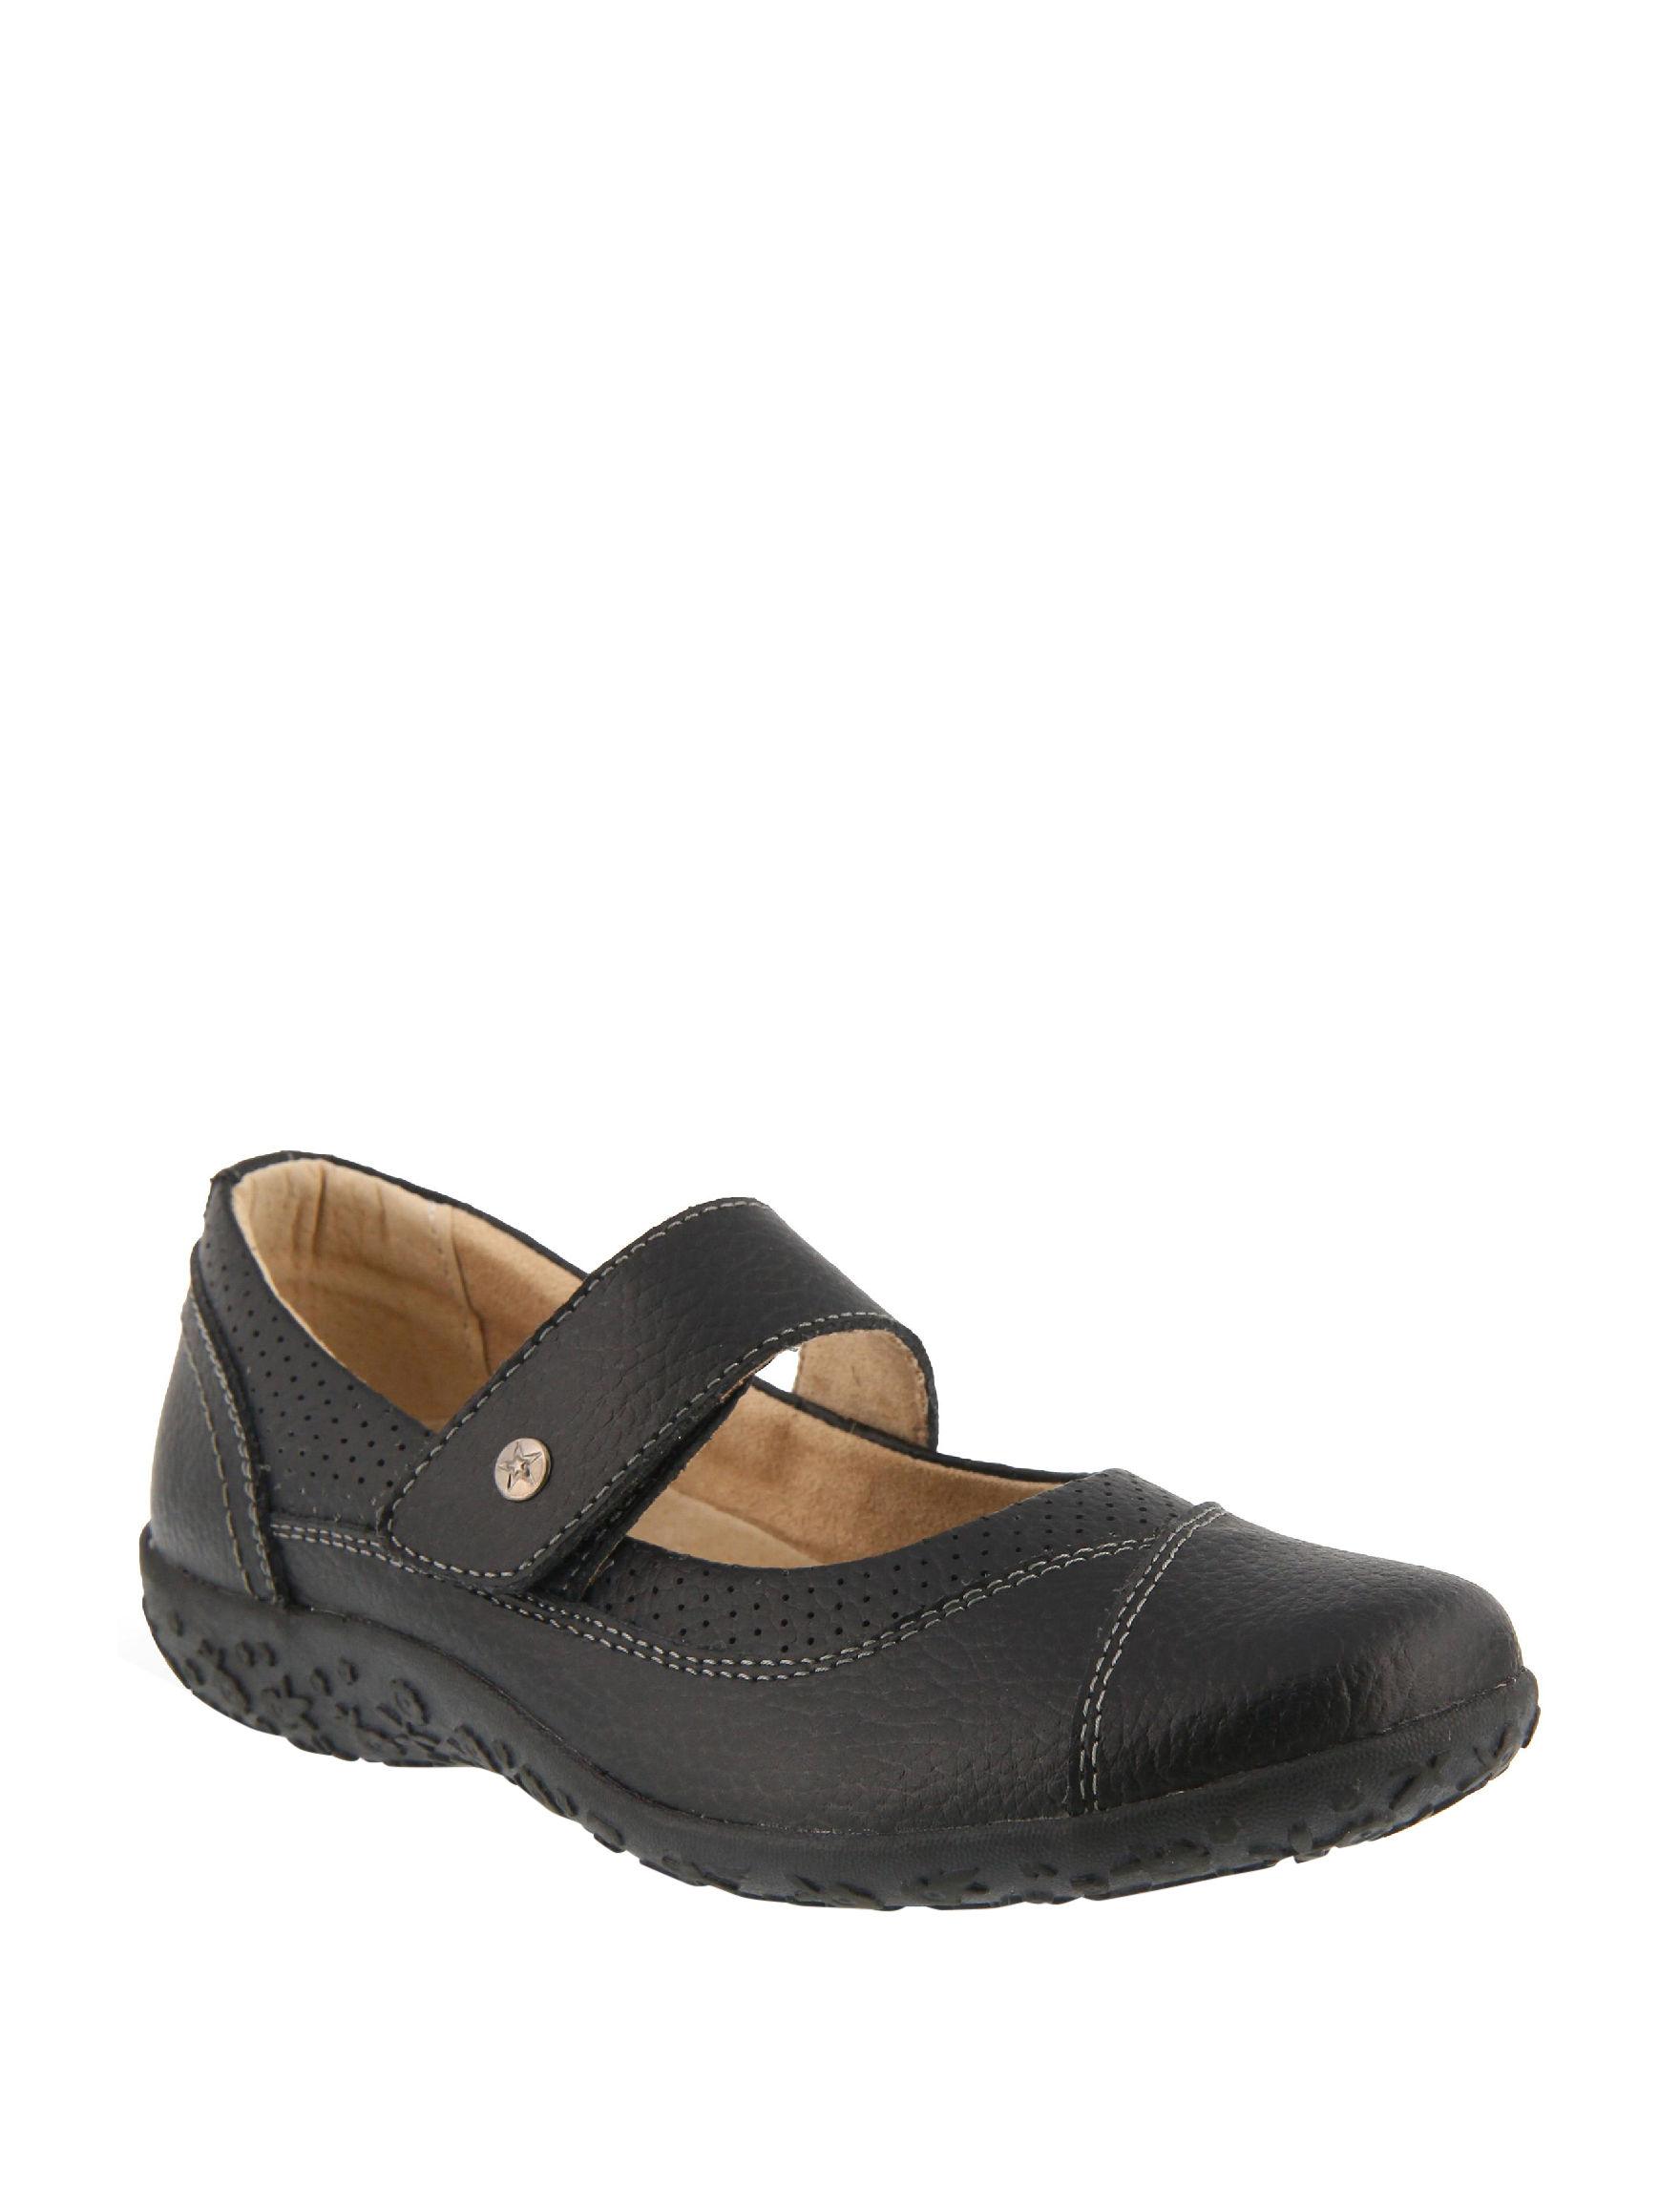 Spring Step Black Comfort